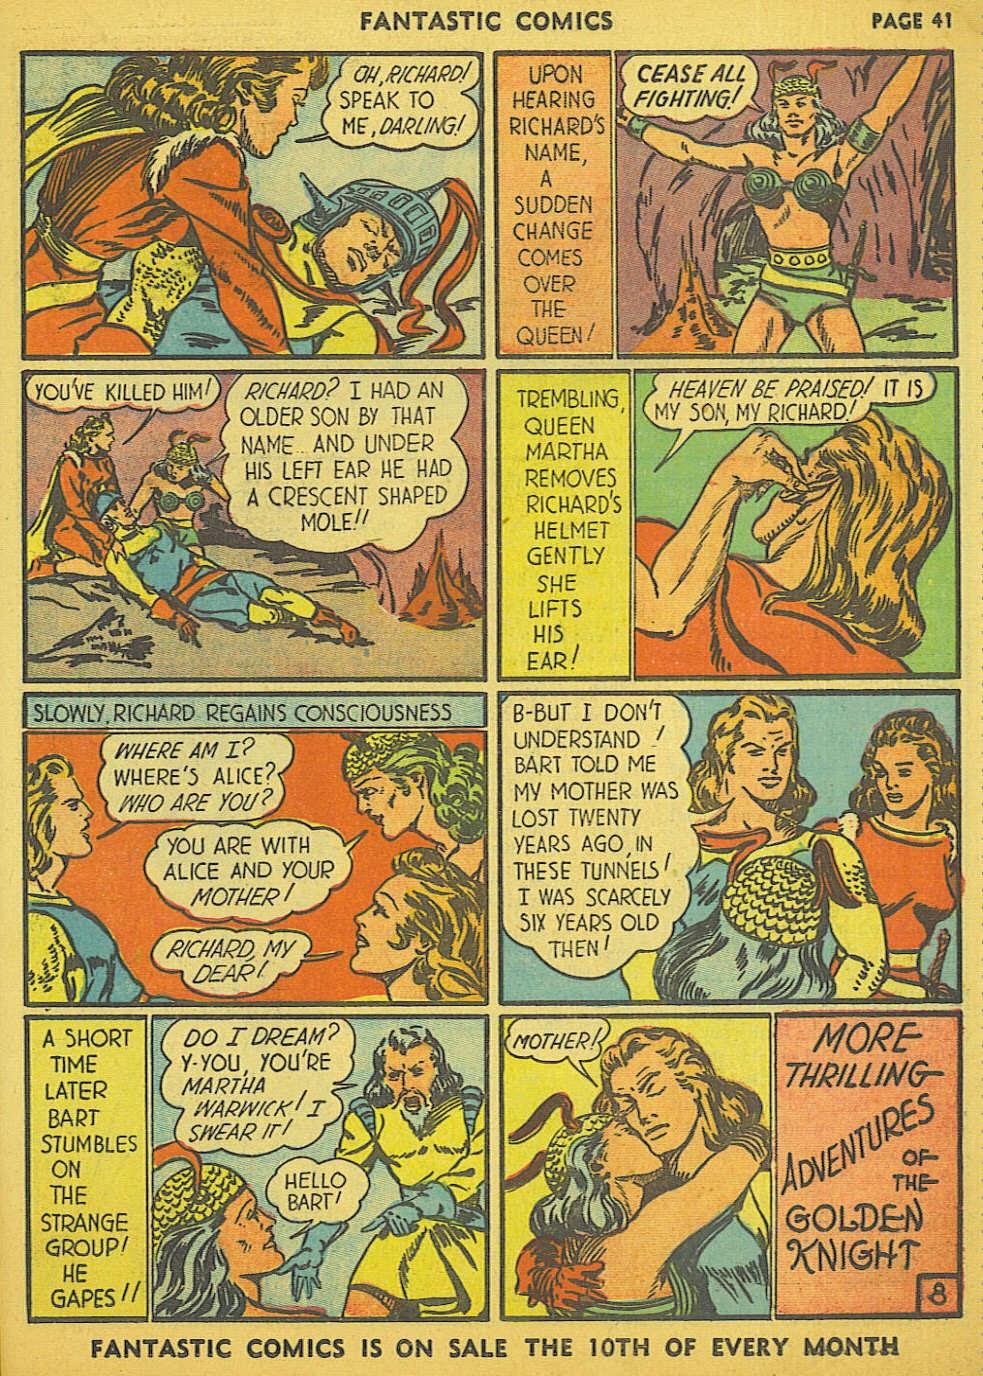 Read online Fantastic Comics comic -  Issue #15 - 35